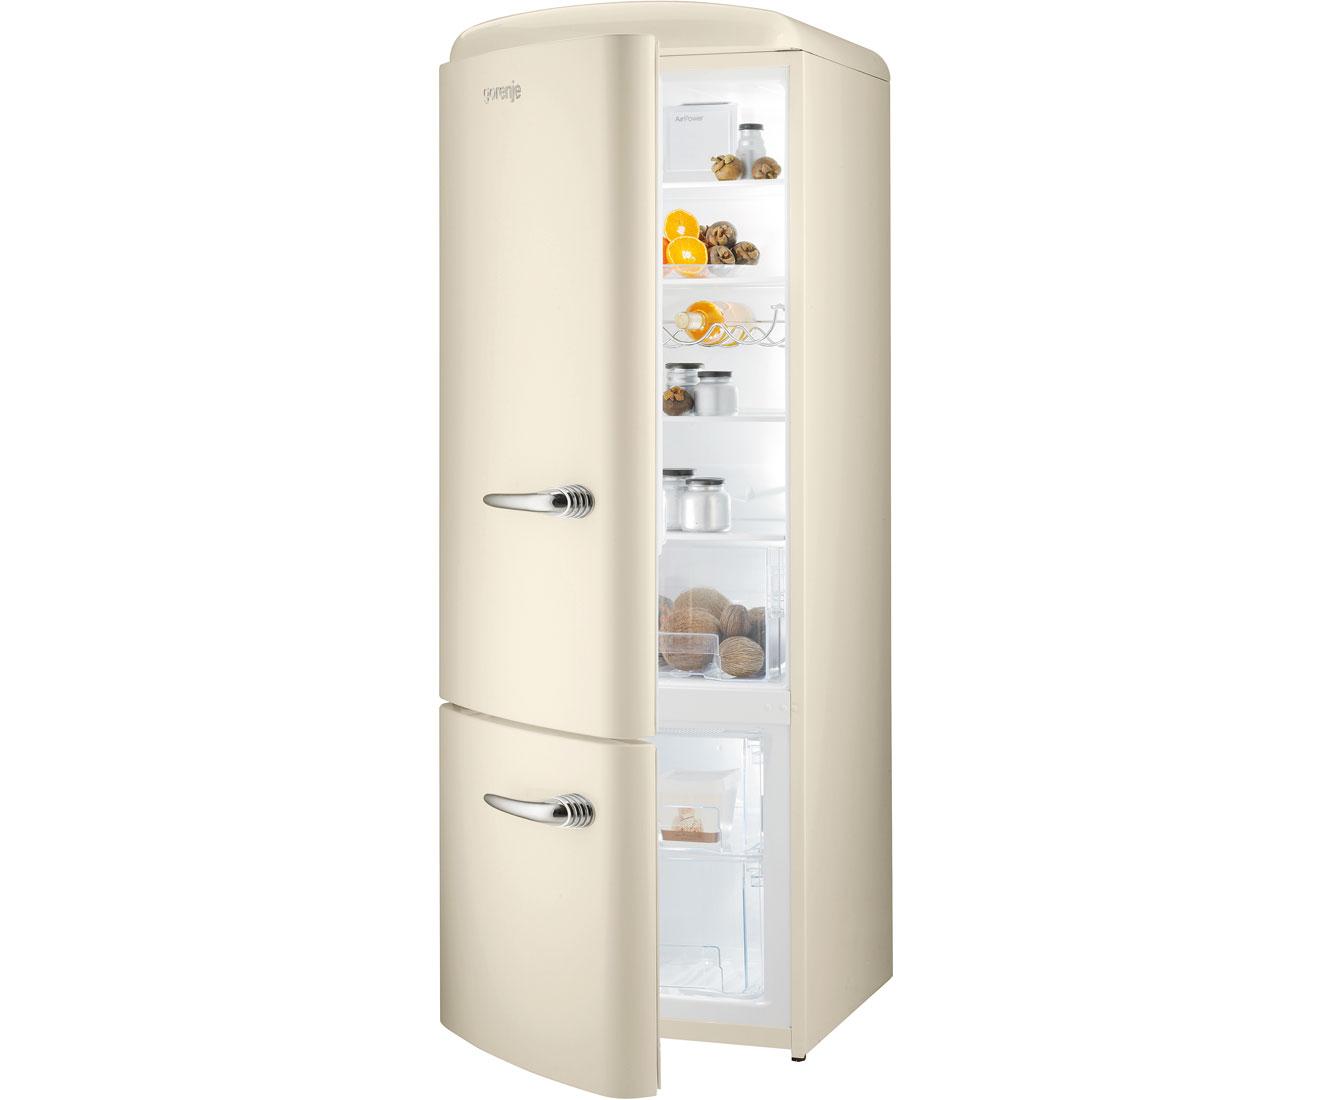 Retro Kühlschrank Creme : Gorenje rk 60319 oc l kühl gefrierkombination 60er breite beige